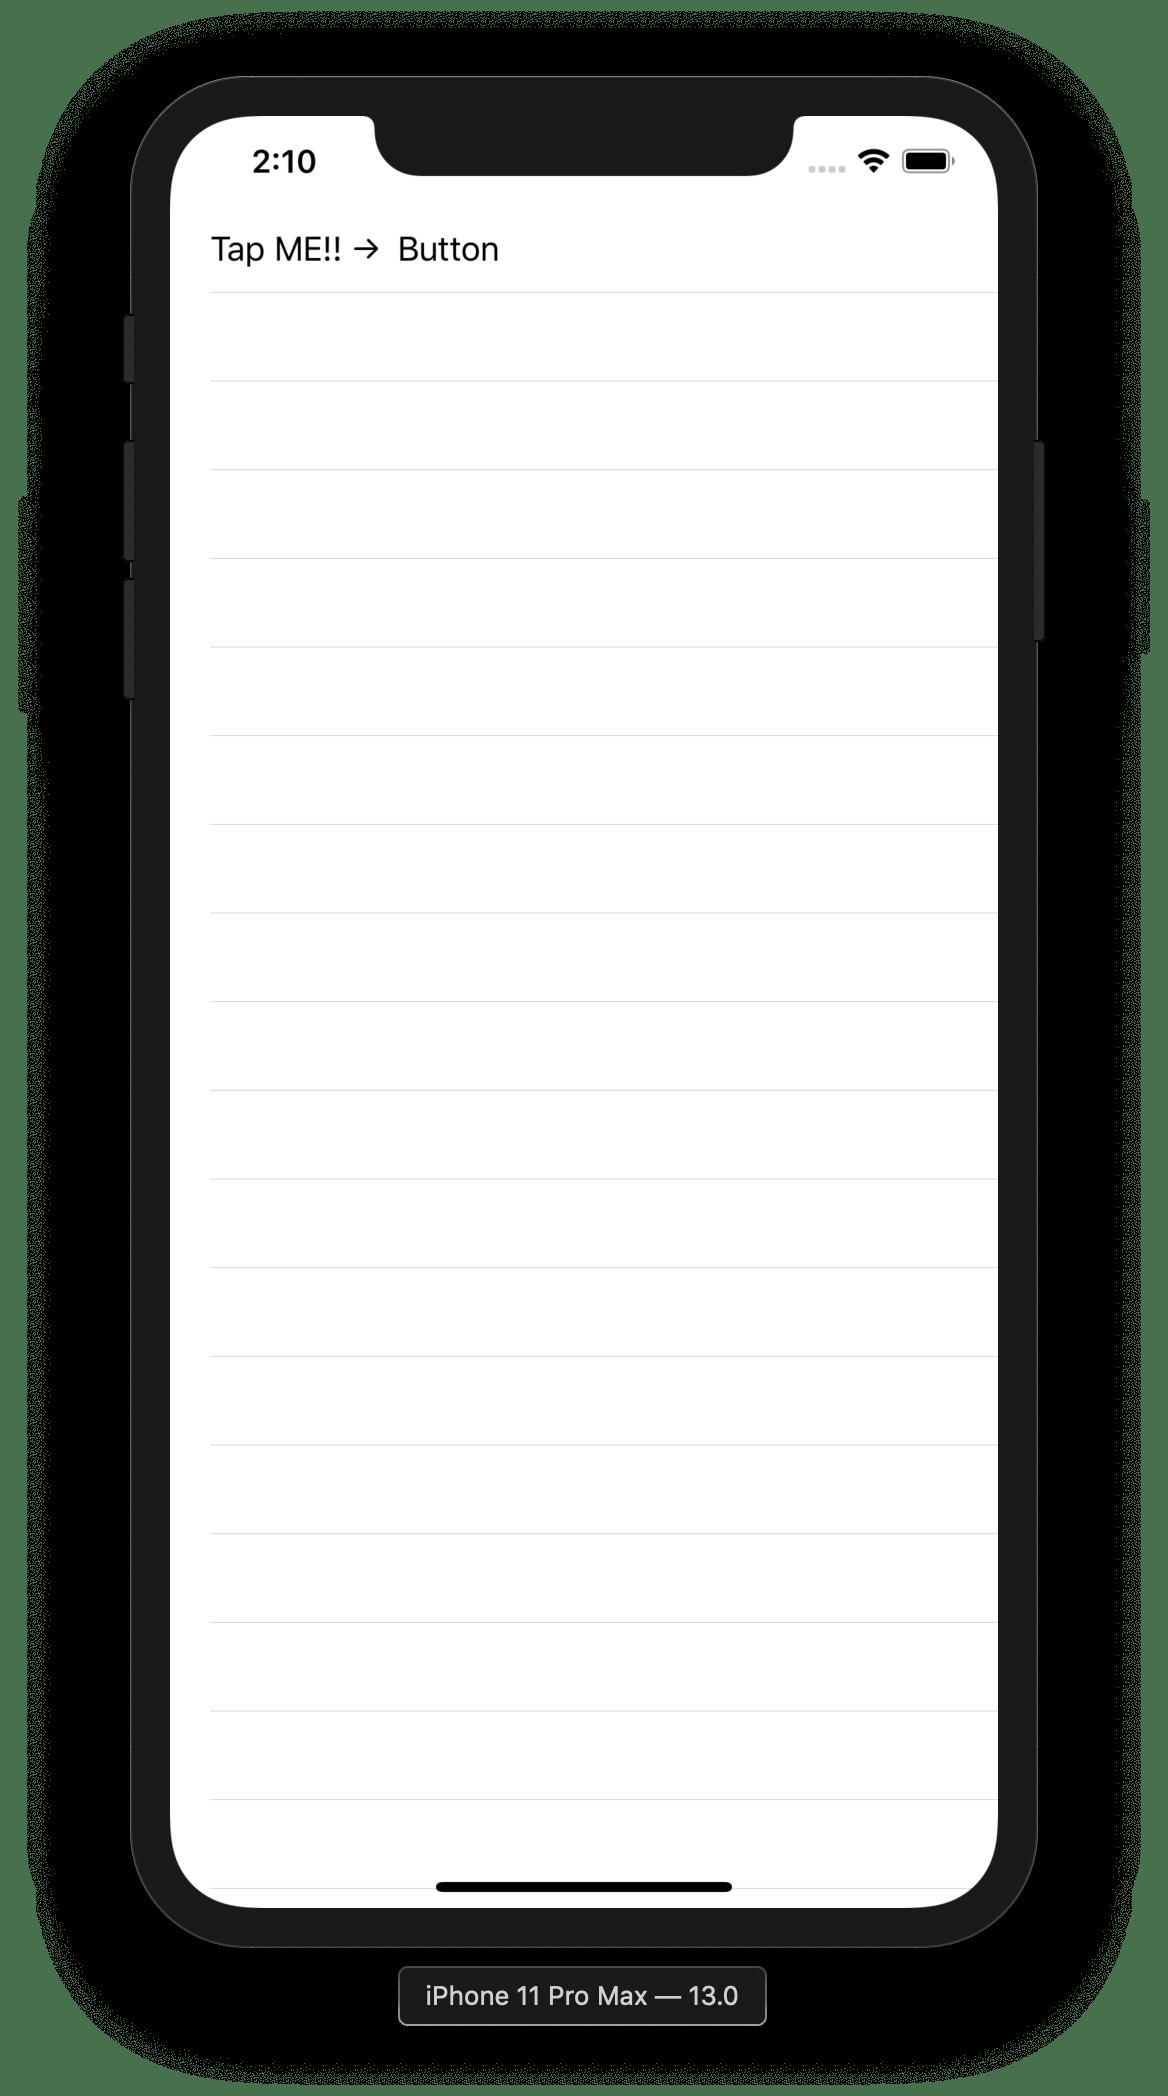 Screen Shot 2019-10-08 at 2.10.06.png